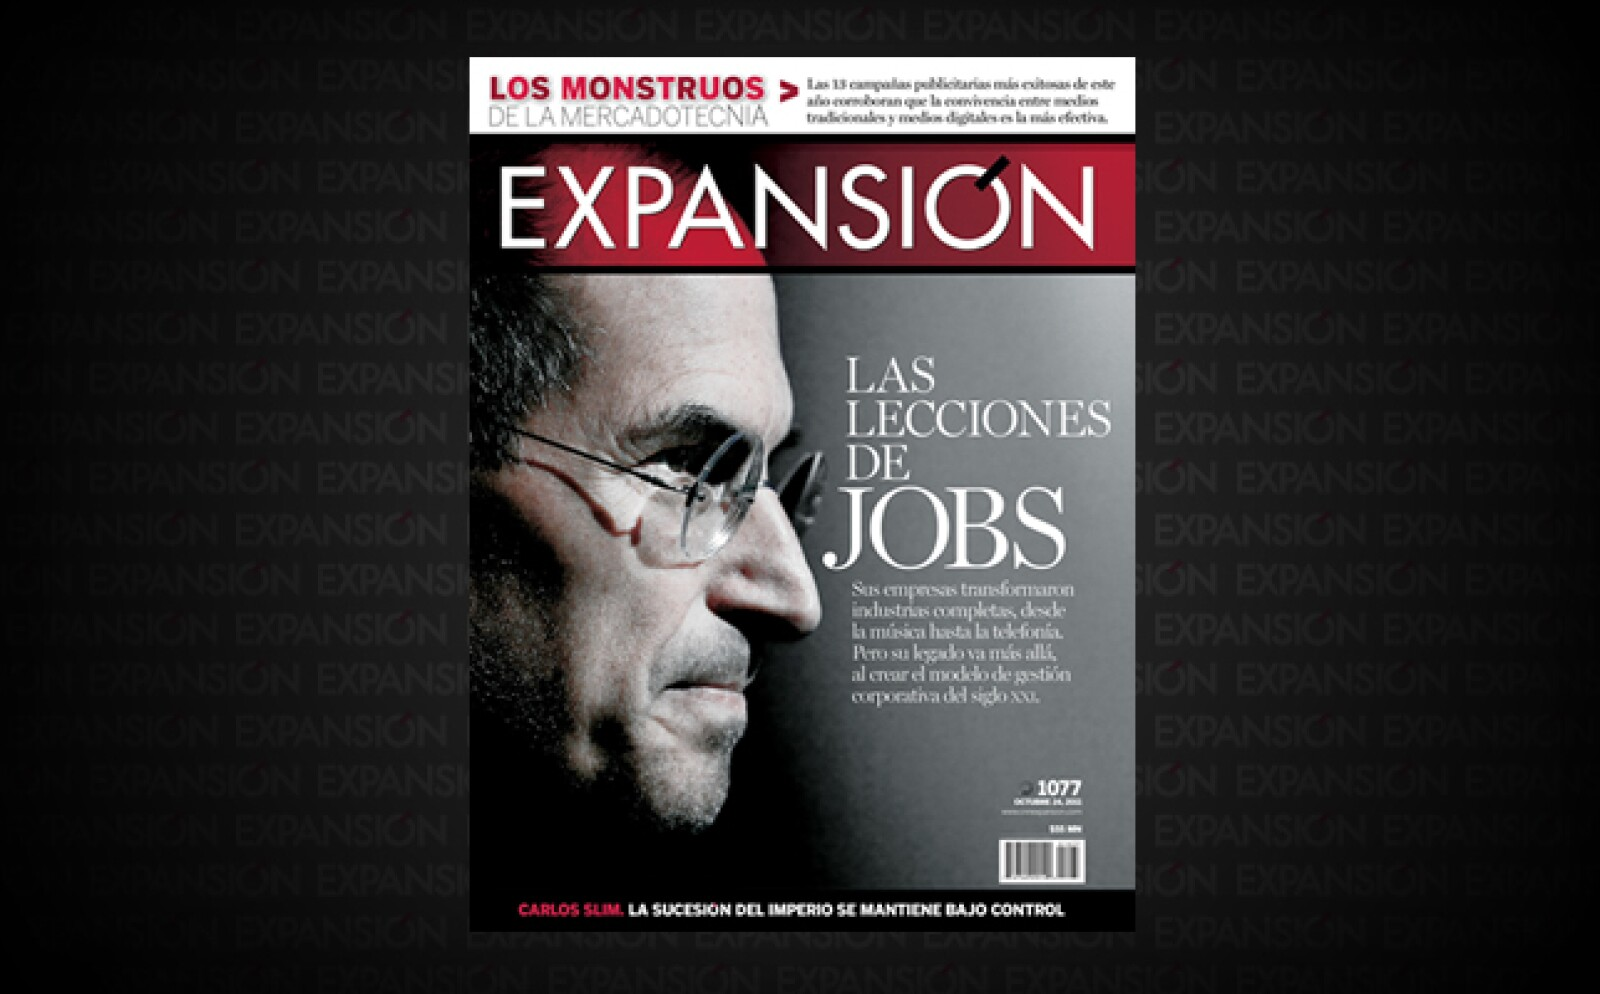 El 5 de octubre de ese año falleció el genio de Apple, Steve Jobs, Más allá de la innovación tecnológica, Expansión le dedicó un especial que explicaba cómo hacía funcionar sus empresas.